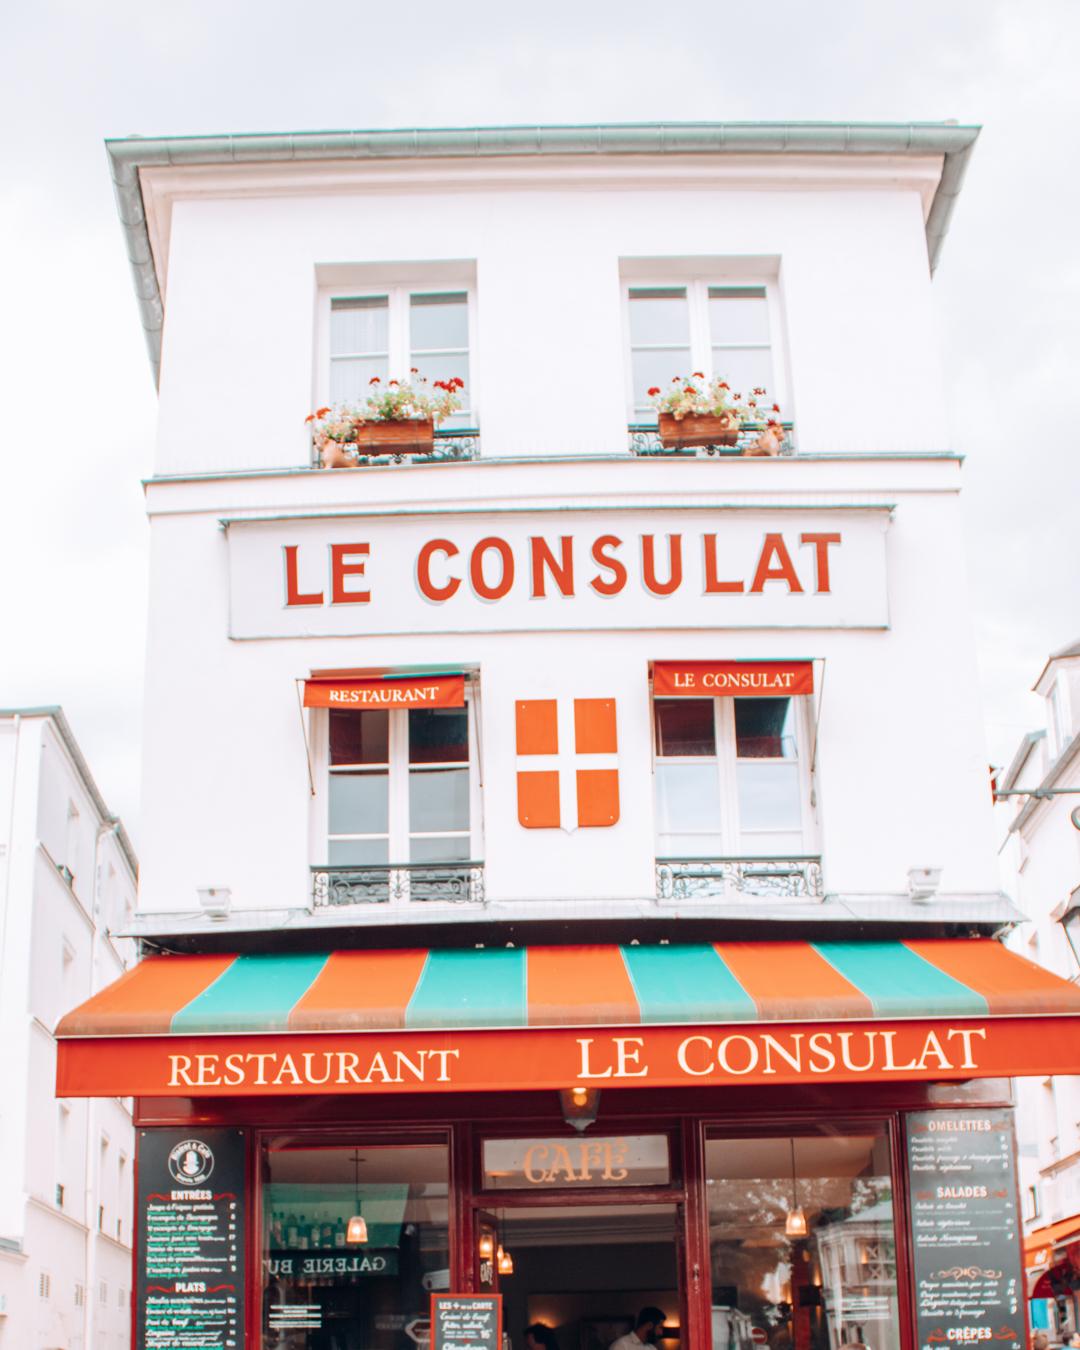 Le Consulat in Paris